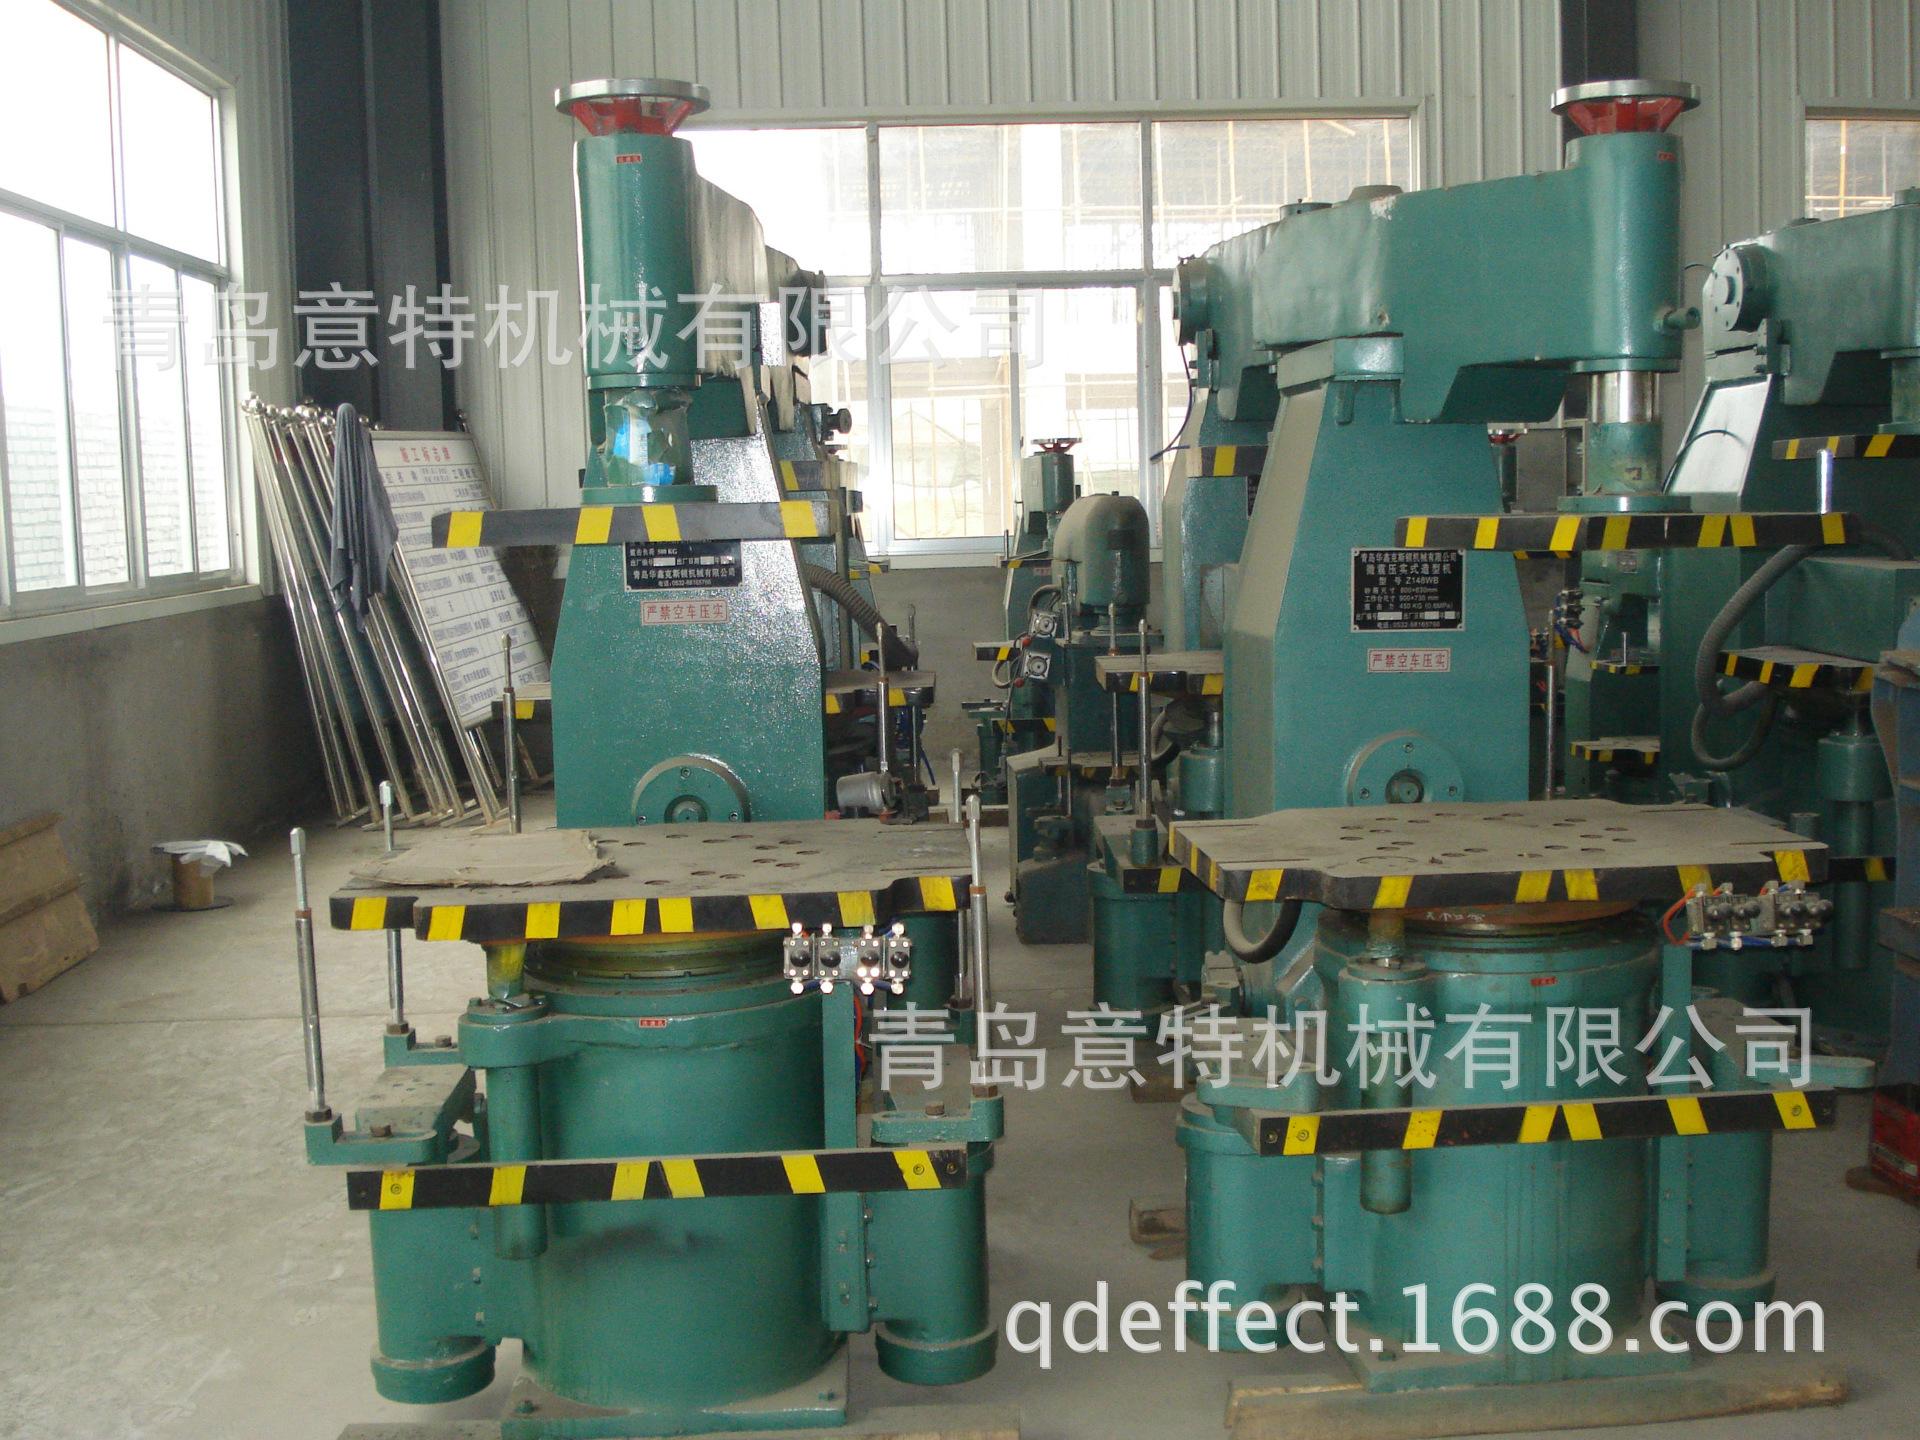 厂家***Z148顶箱压实式造型机,铸造粘土砂造型铸造设备